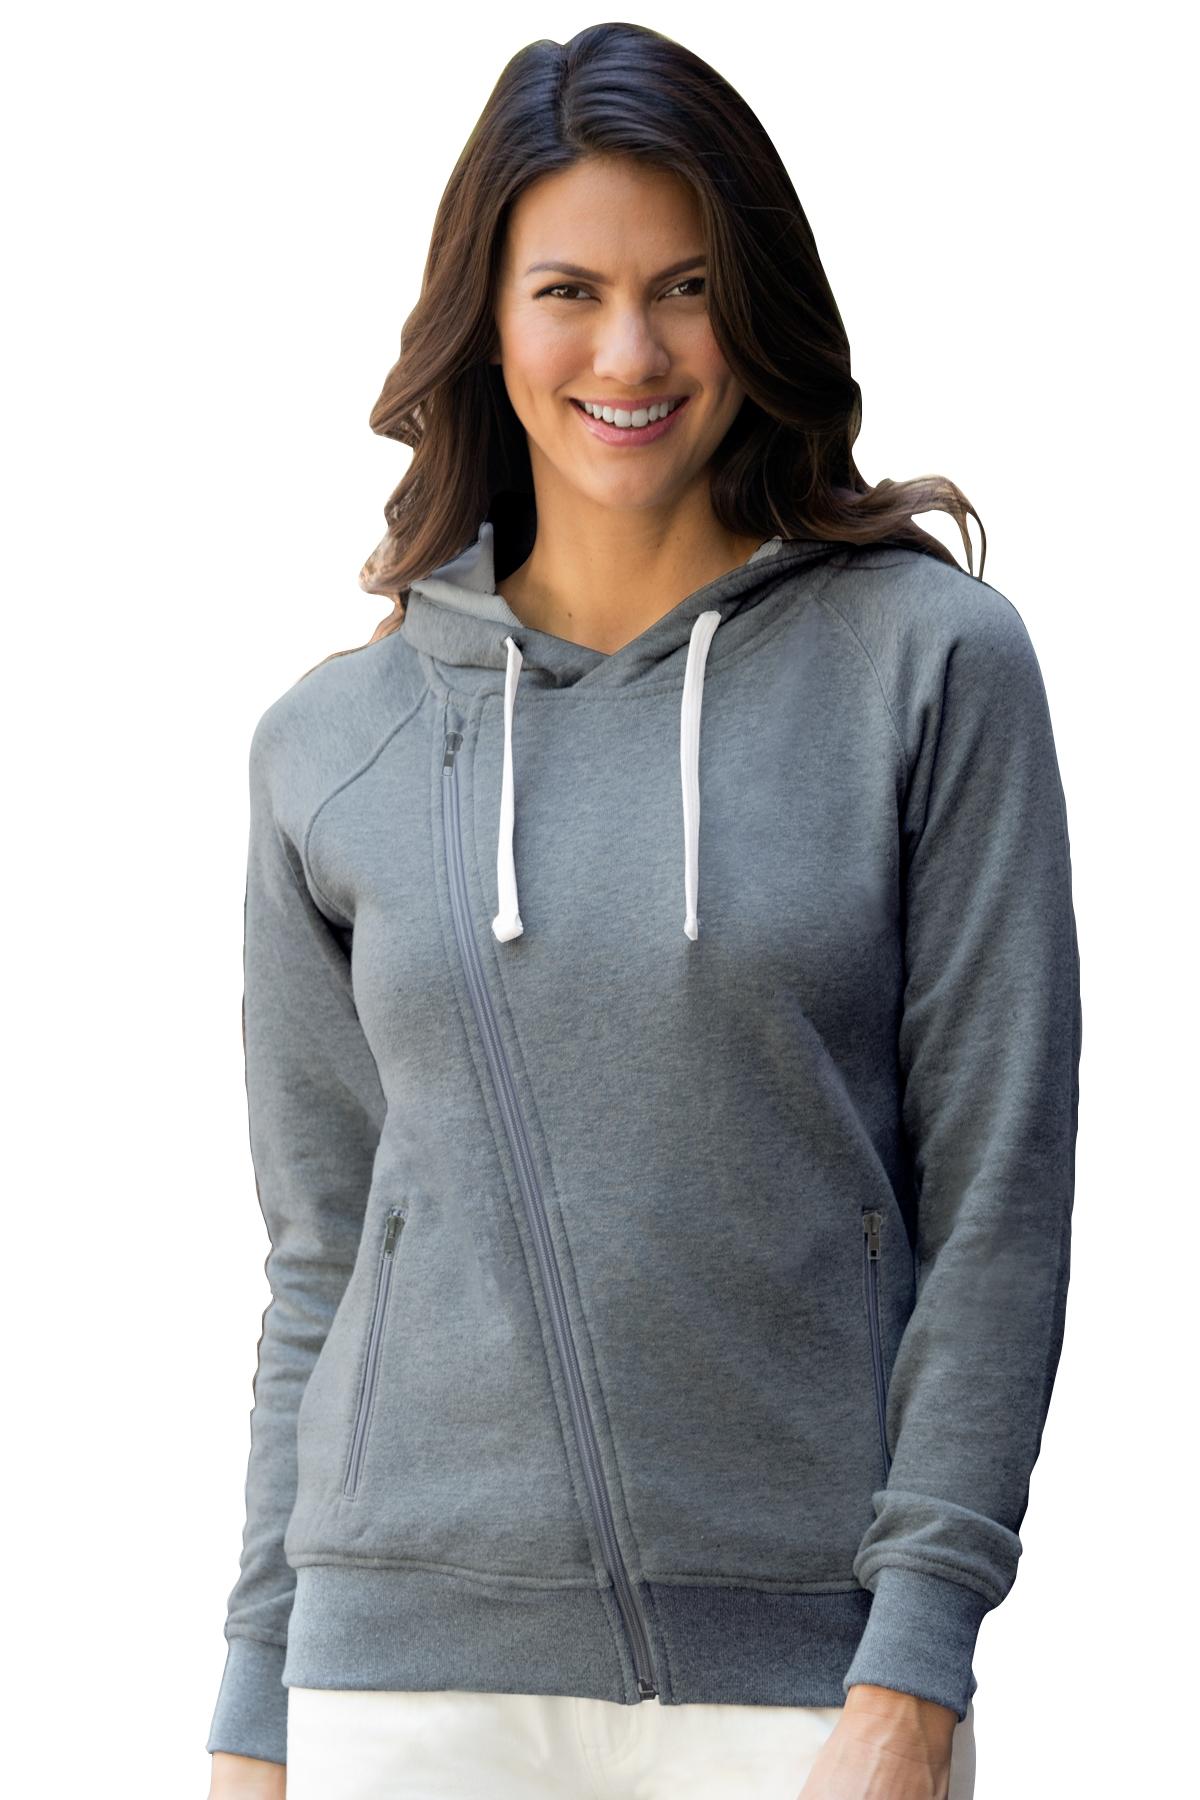 Vantage 3298 - Women's Fleece Moto Jacket